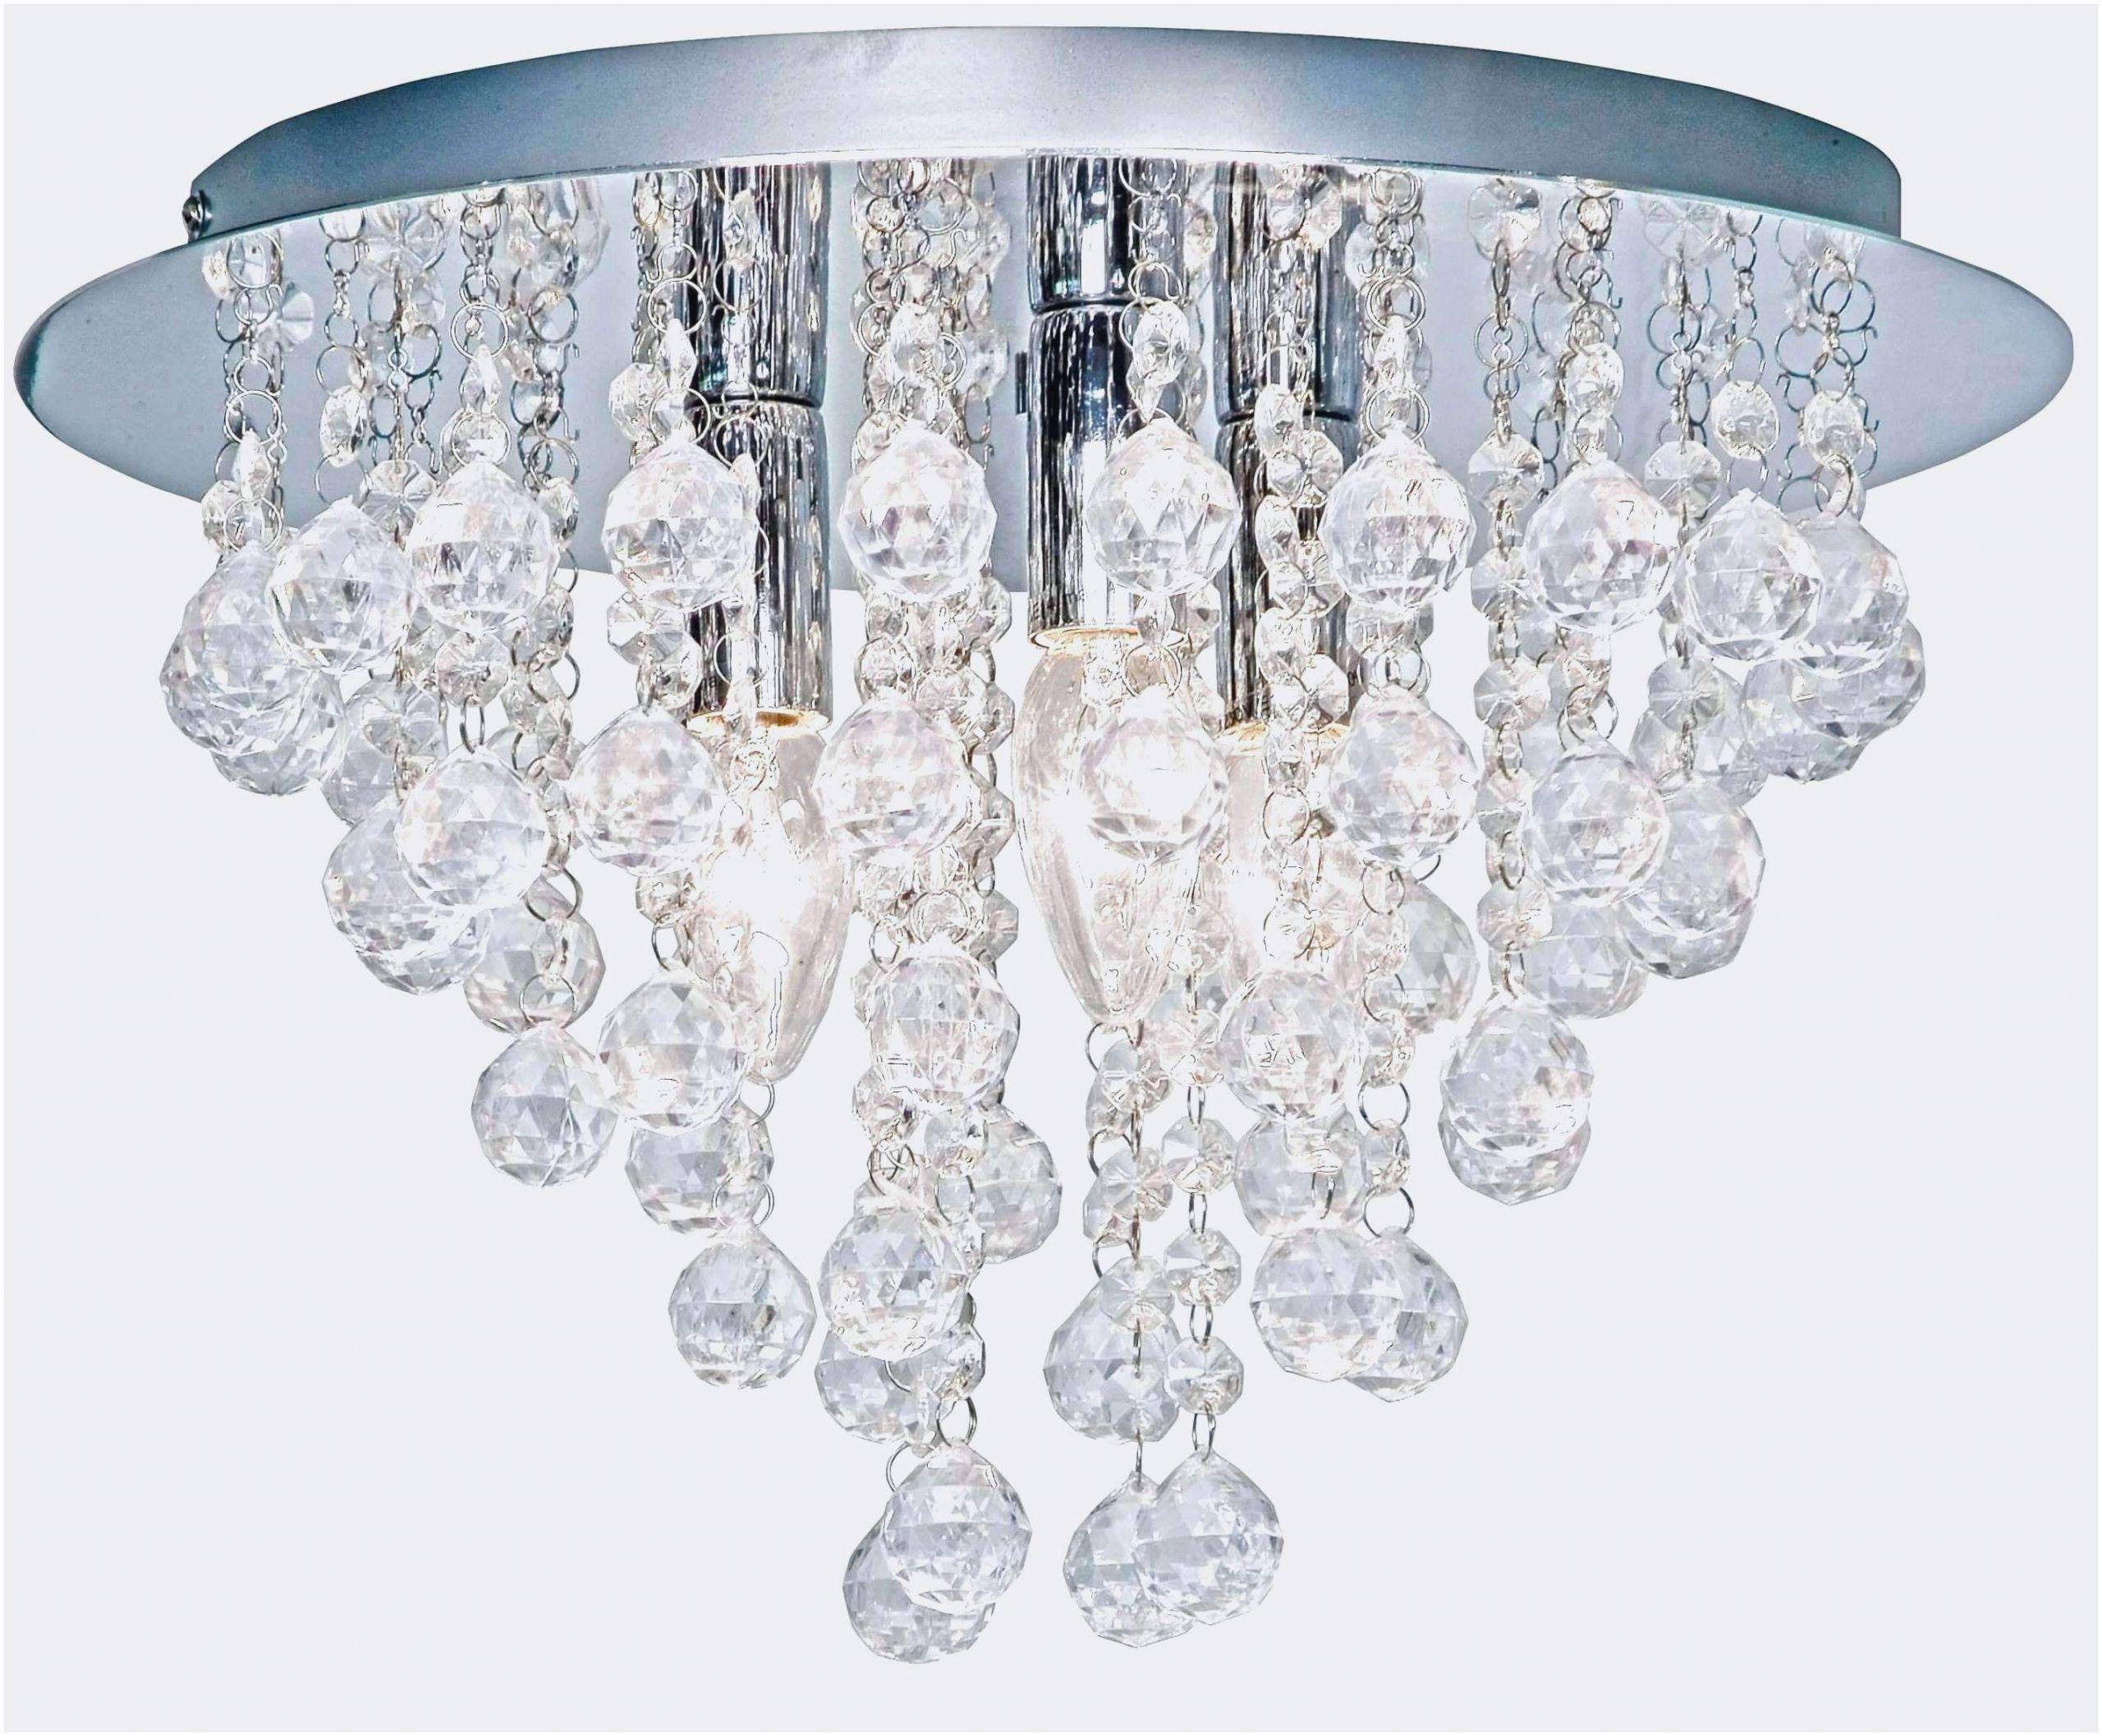 Full Size of Ikea Lampen Wohnzimmer Luxus Luxe Led Lampe Badezimmer Bestevon Betten Bei Stehlampen Bad Esstisch Küche Kosten Deckenlampen Miniküche Schlafzimmer Wohnzimmer Ikea Lampen